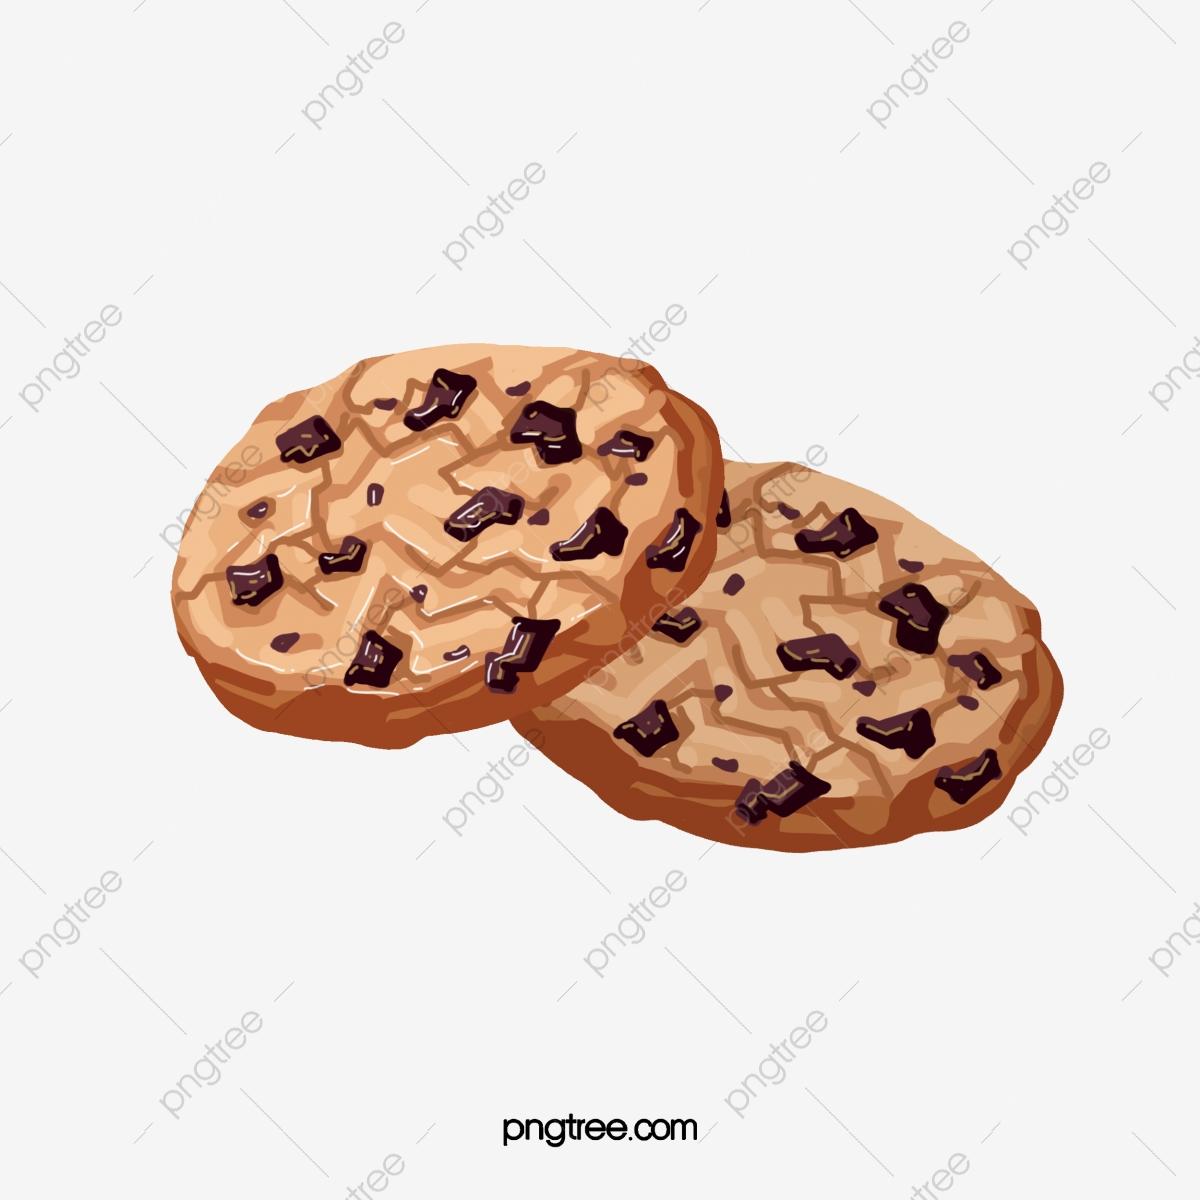 Creative Cookies Picture Cookies, Cartoon Cookies, Biscuit, Dessert.